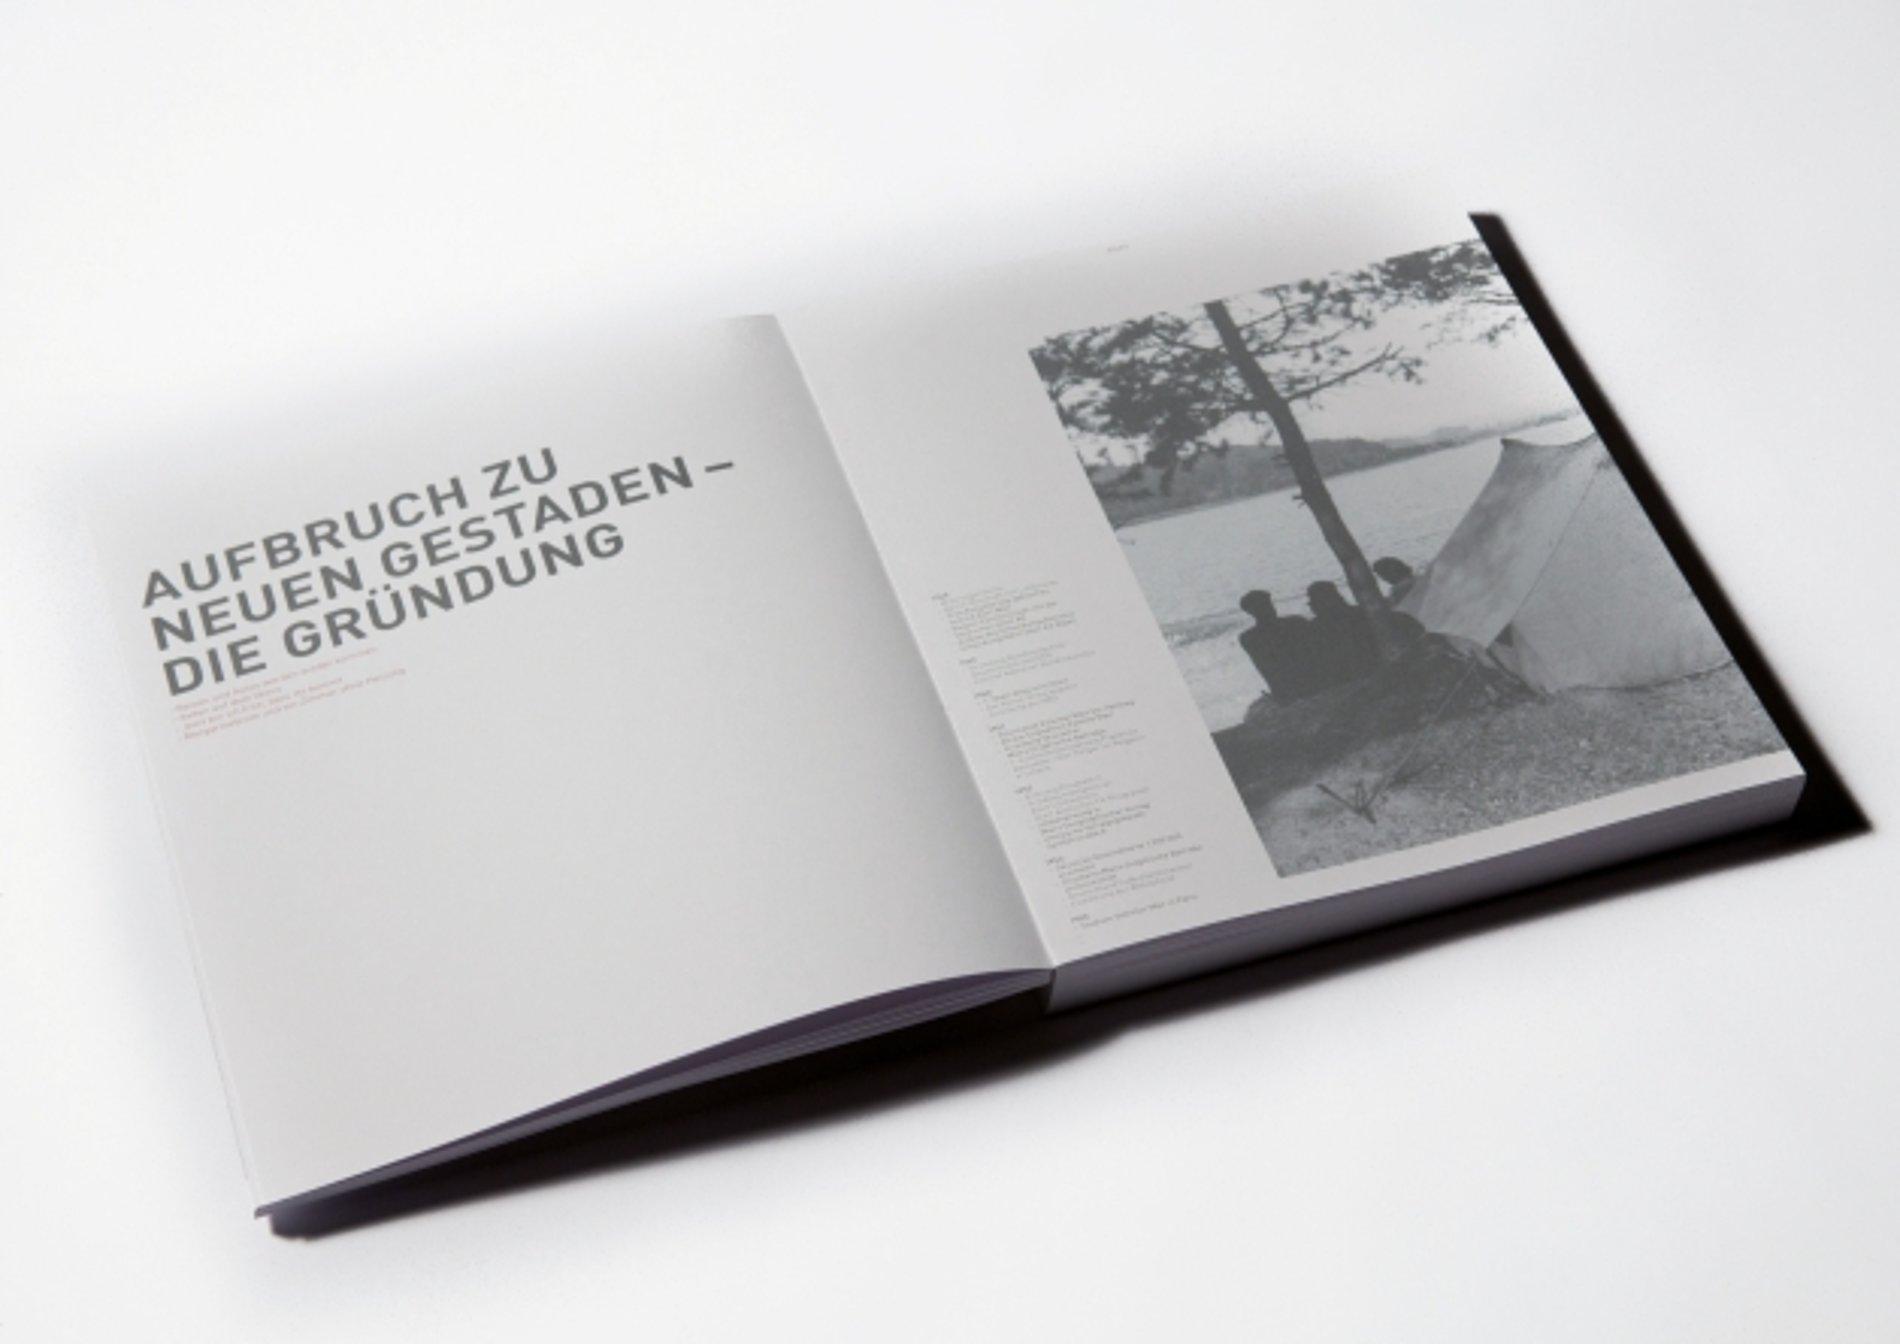 Pioniere des Reisens | Red Dot Design Award